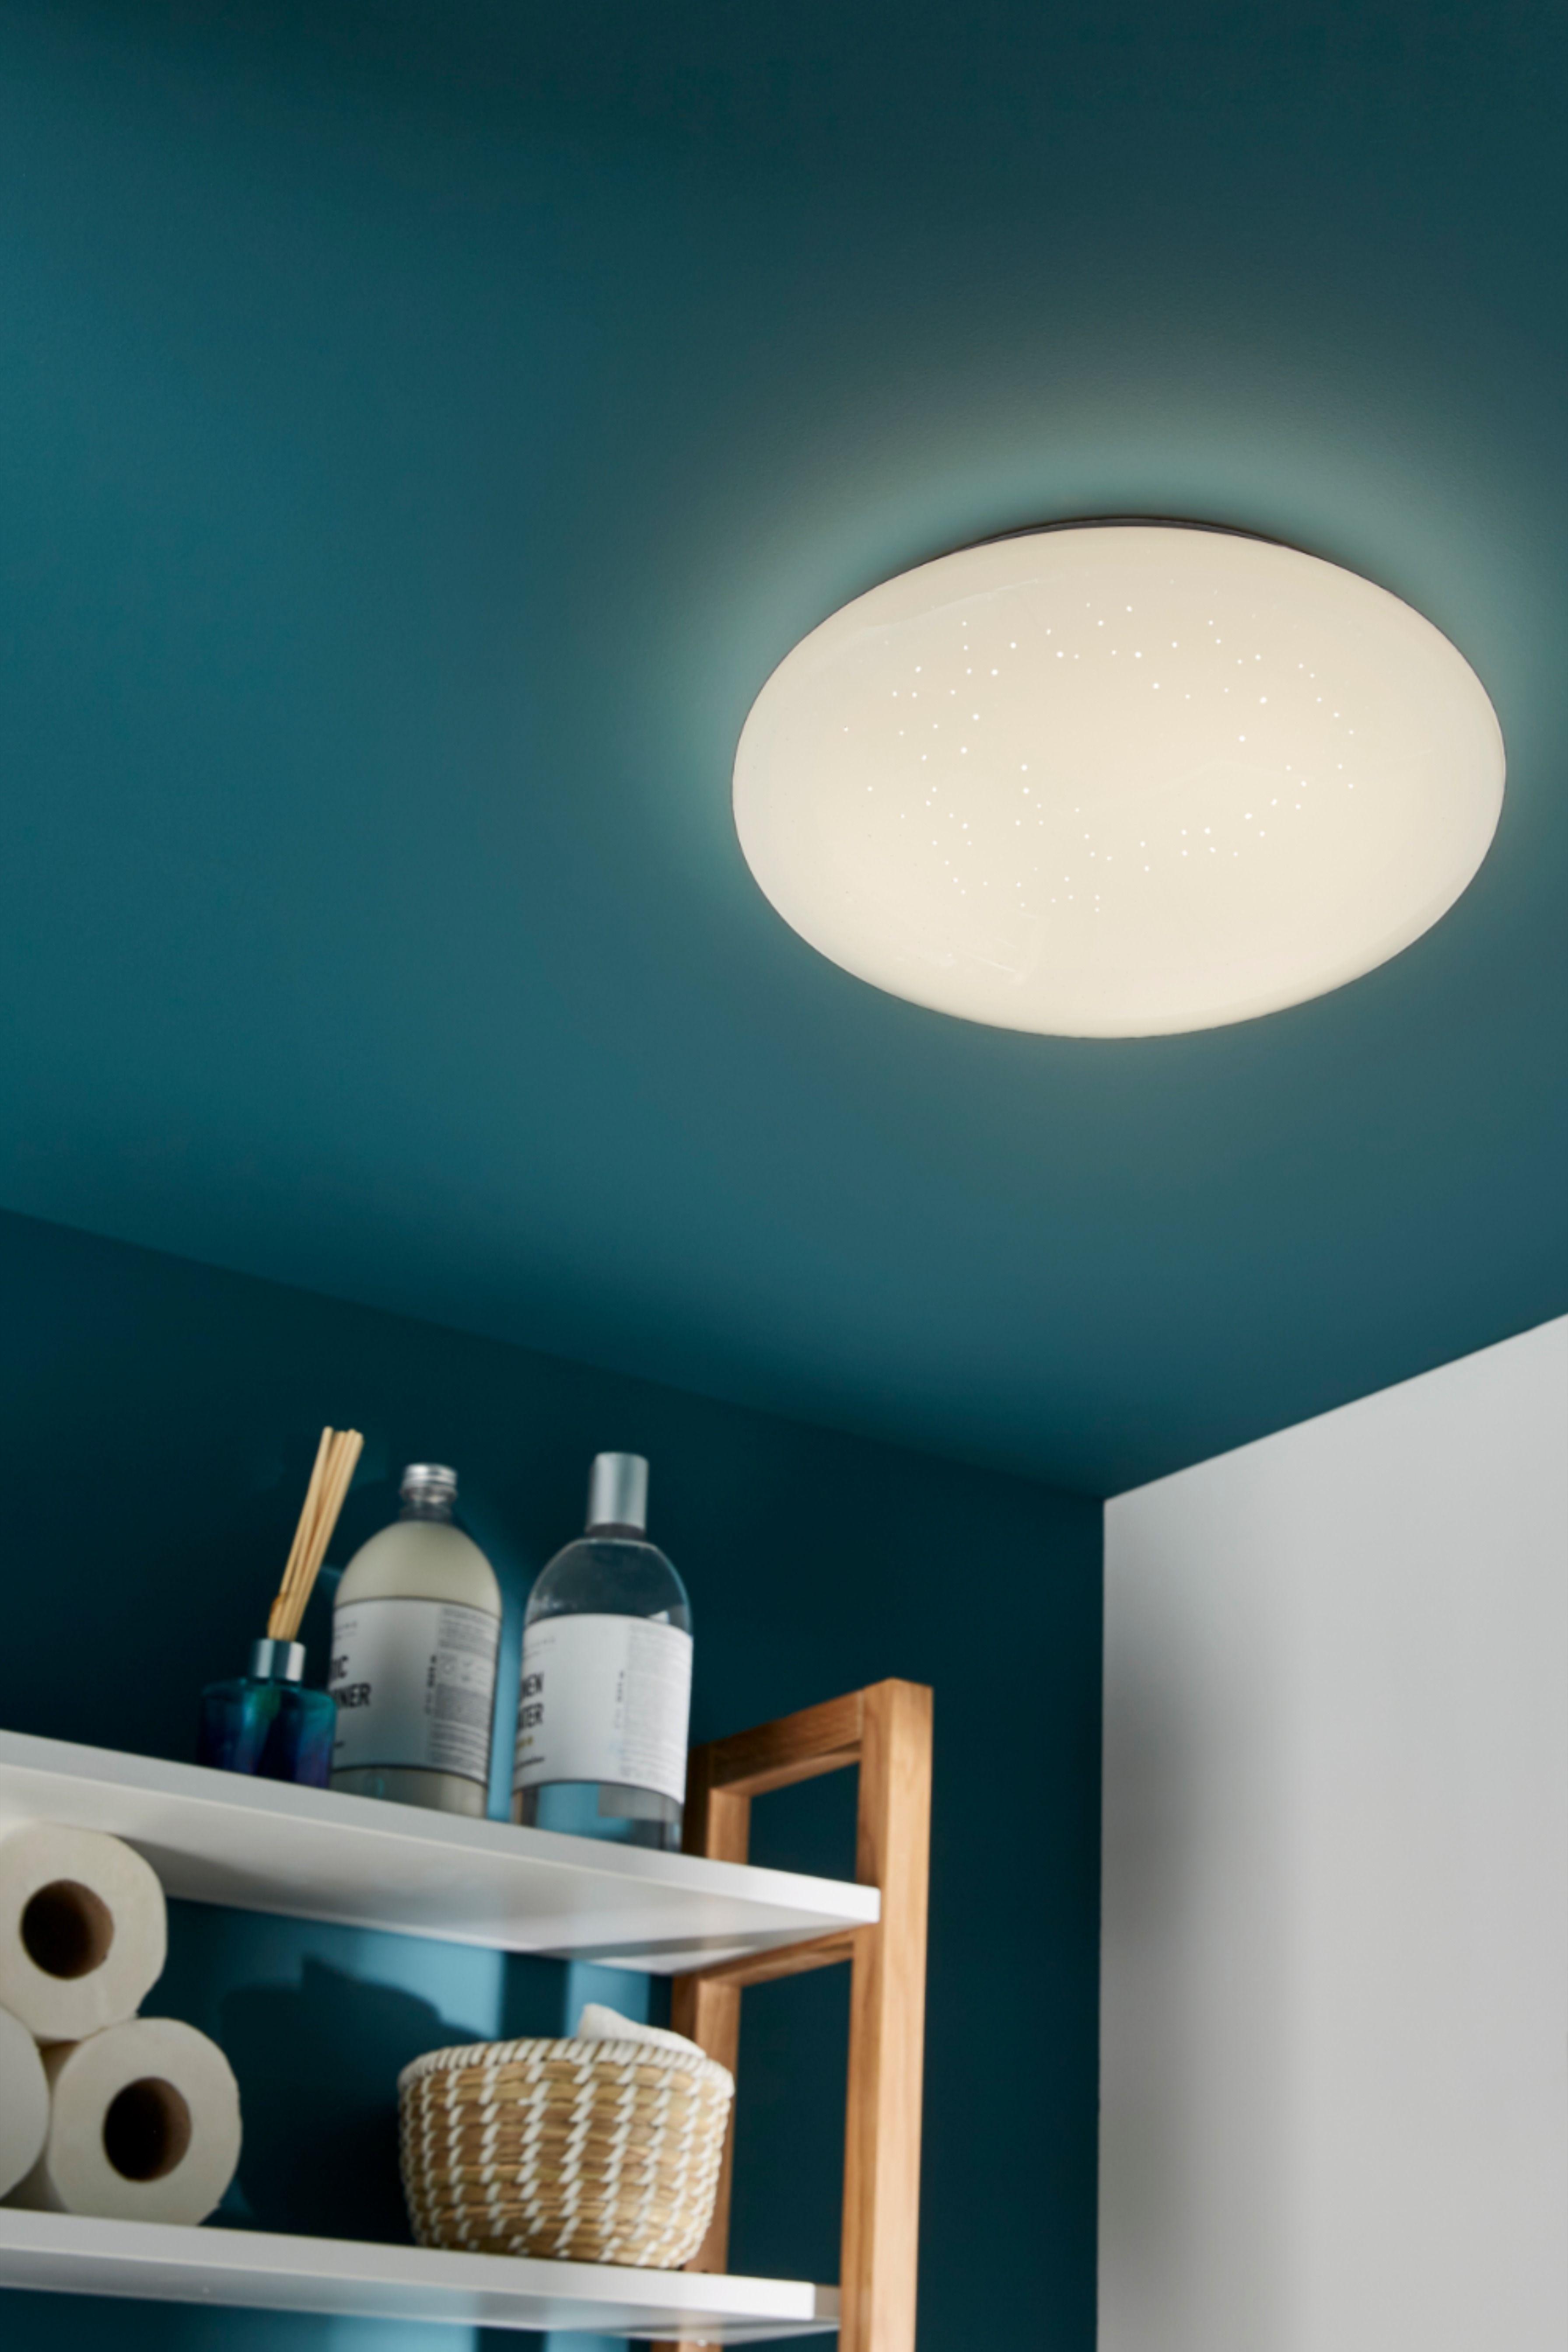 Un Plafonnier Led Ideal Pour La Salle De Bains Idee Deco On Peint Un Mur Et Le Plafond En Bleu Ca Plafonnier Led Design Plafonnier Led Couleur Salle De Bain